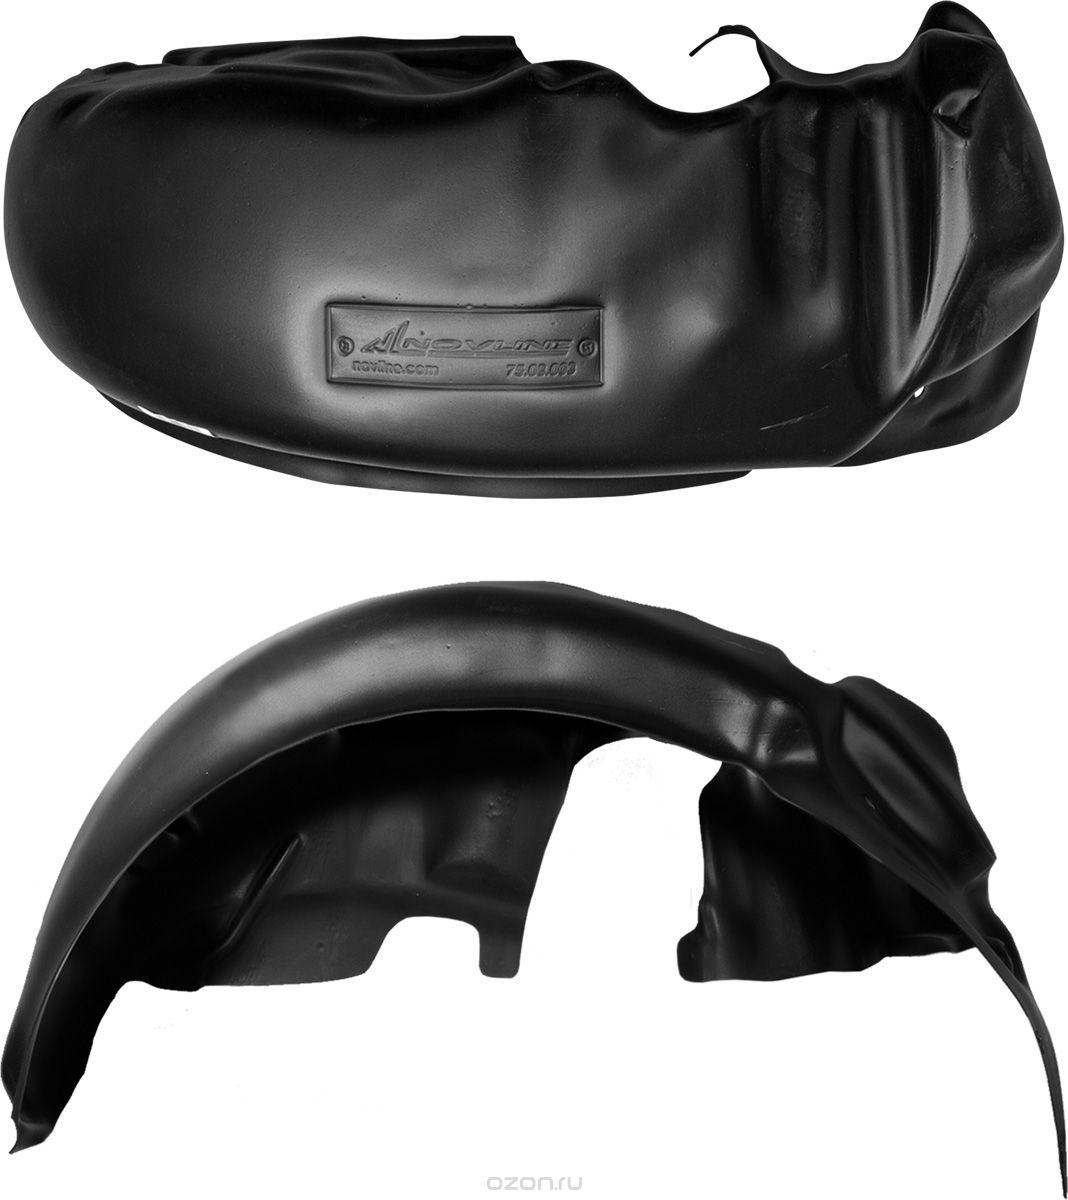 Подкрылок Novline-Autofamily, для УАЗ Hunter 11/2003->, задний левыйNLL.54.06.003Идеальная защита колесной ниши. Локеры разработаны с применением цифровых технологий, гарантируют максимальную повторяемость поверхности арки. Изделия устанавливаются без нарушения лакокрасочного покрытия автомобиля, каждый подкрылок комплектуется крепежом. Уважаемые клиенты, обращаем ваше внимание, что фотографии на подкрылки универсальные и не отражают реальную форму изделия. При этом само изделие идет точно под размер указанного автомобиля.